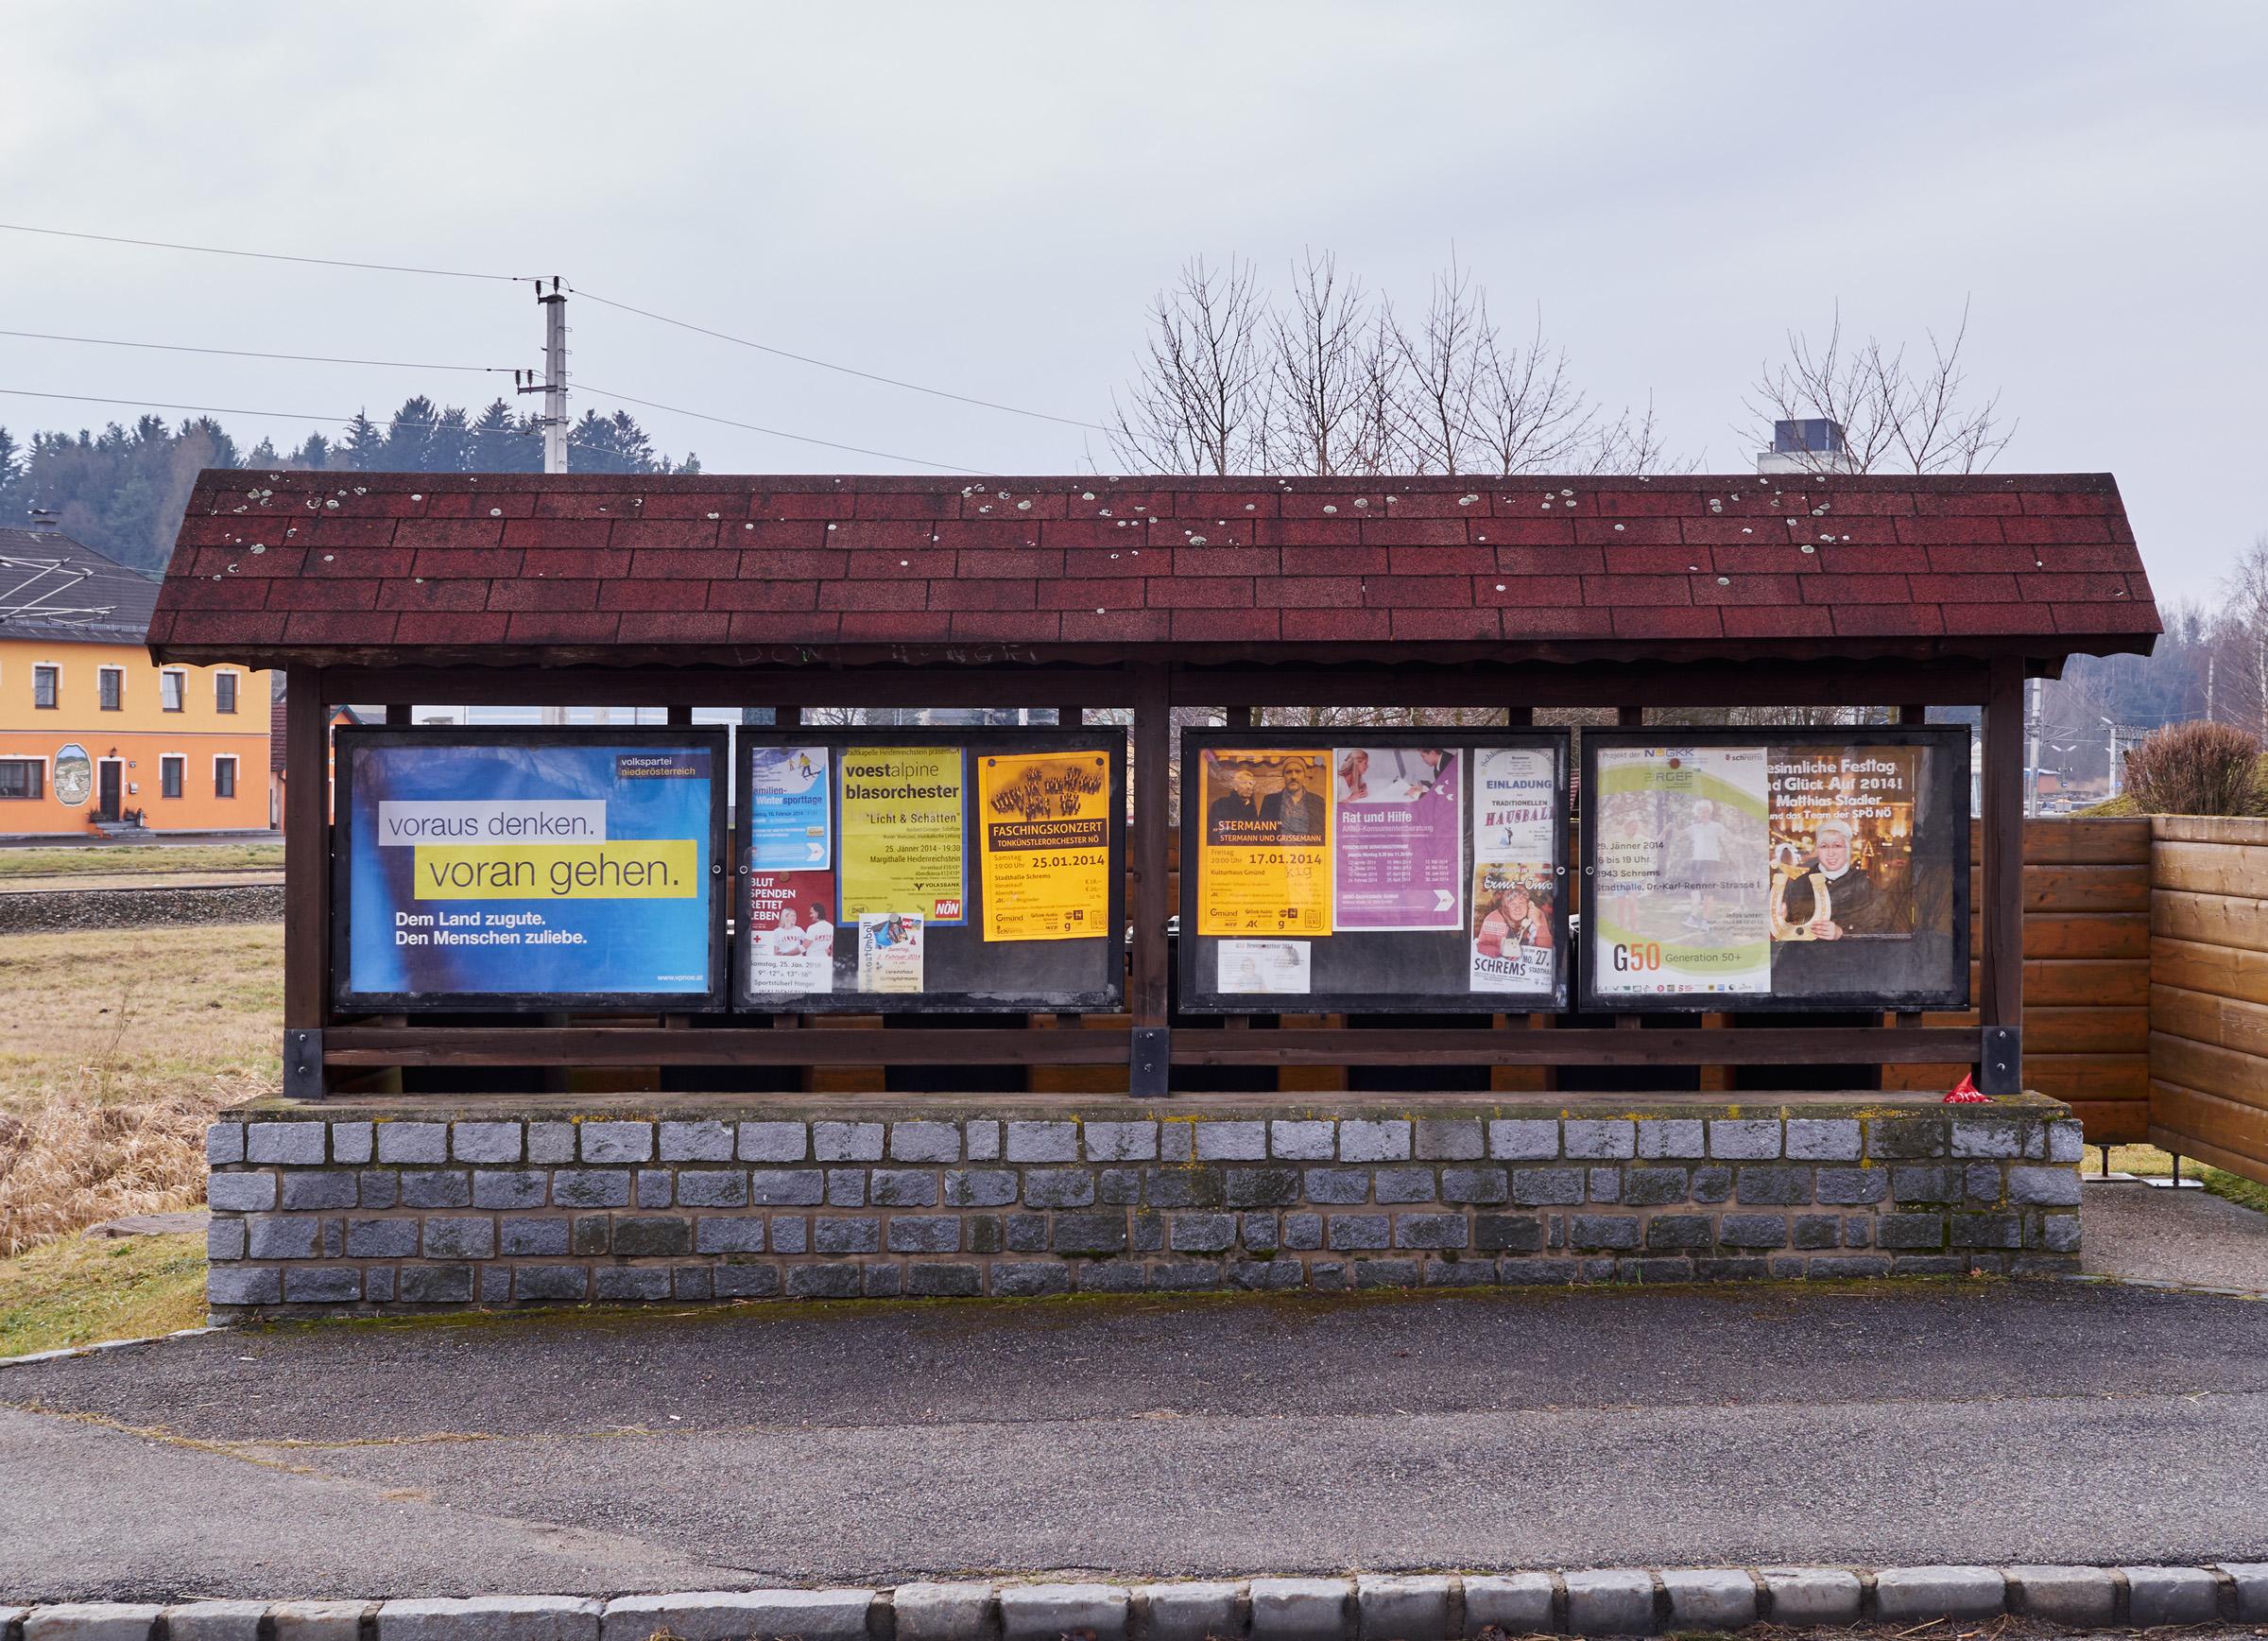 Pürbach nah 2014-01-19.jpg